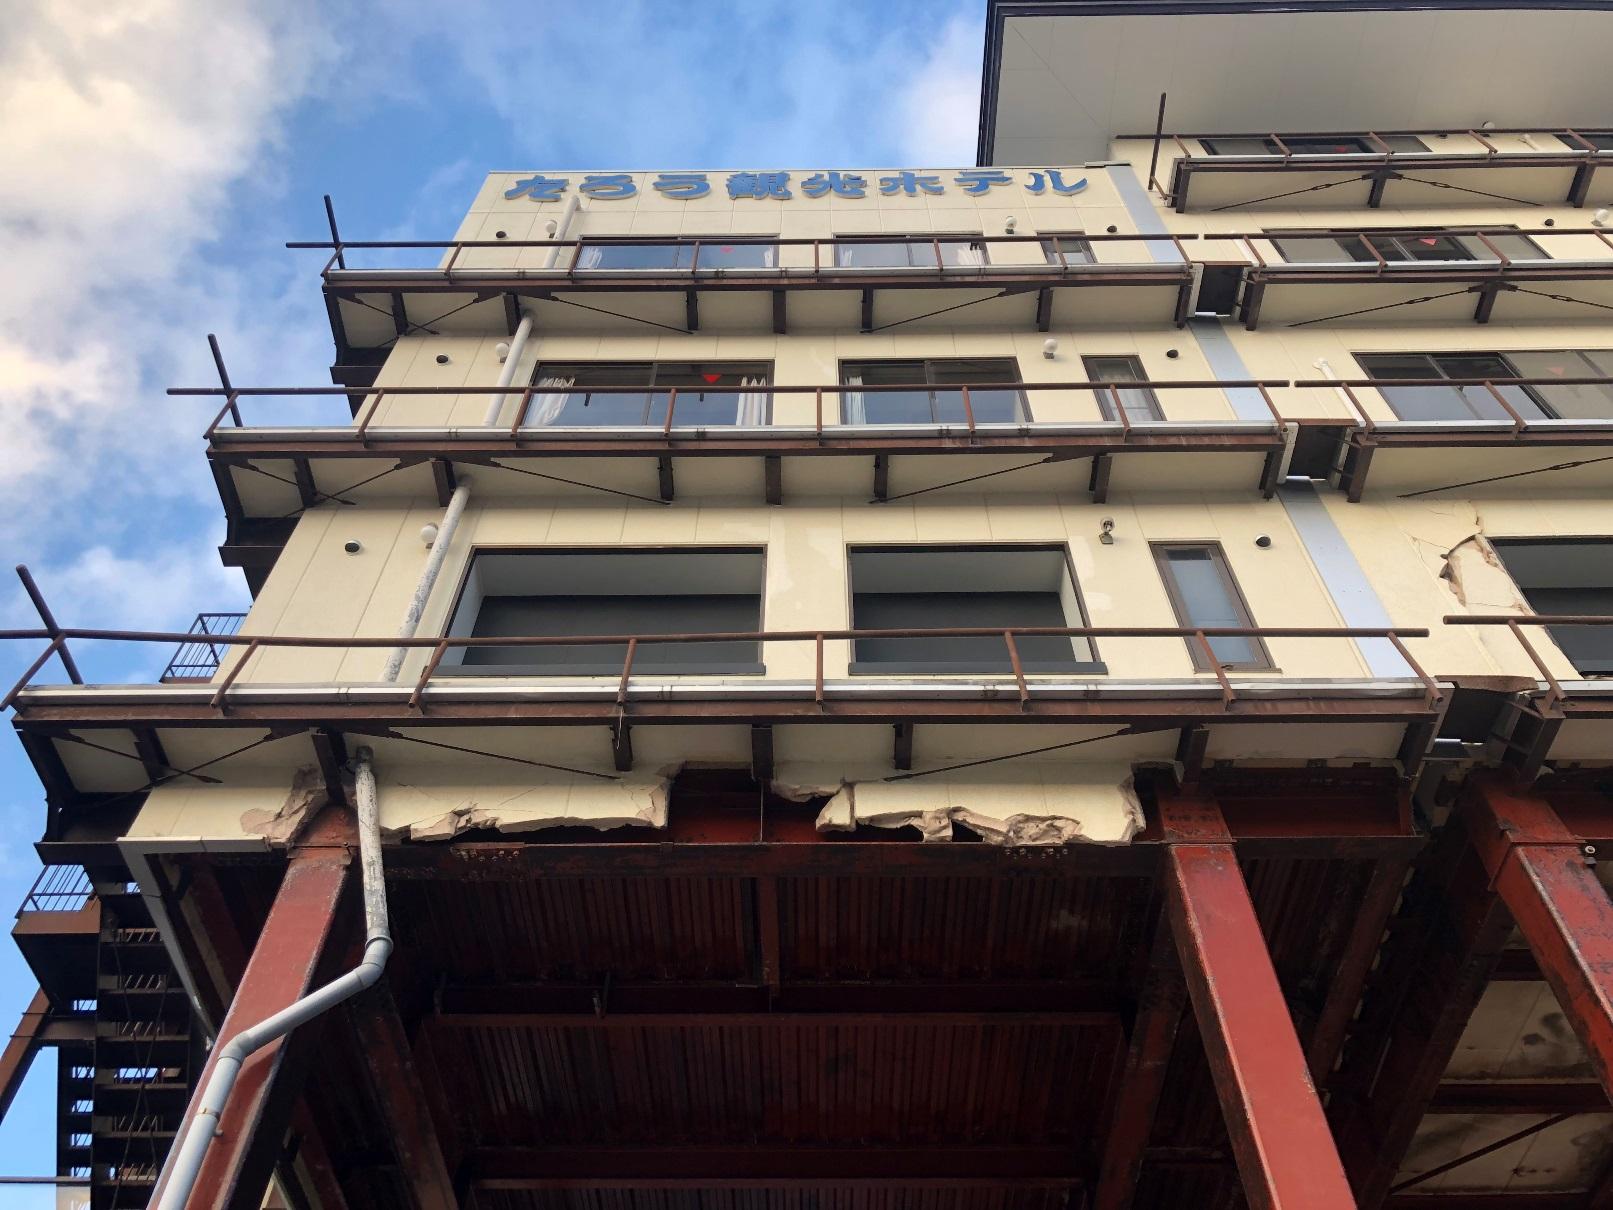 宮古市の災害記憶の伝承プロジェクト 津波遺構・たろう観光ホテル(岩手県宮古市)